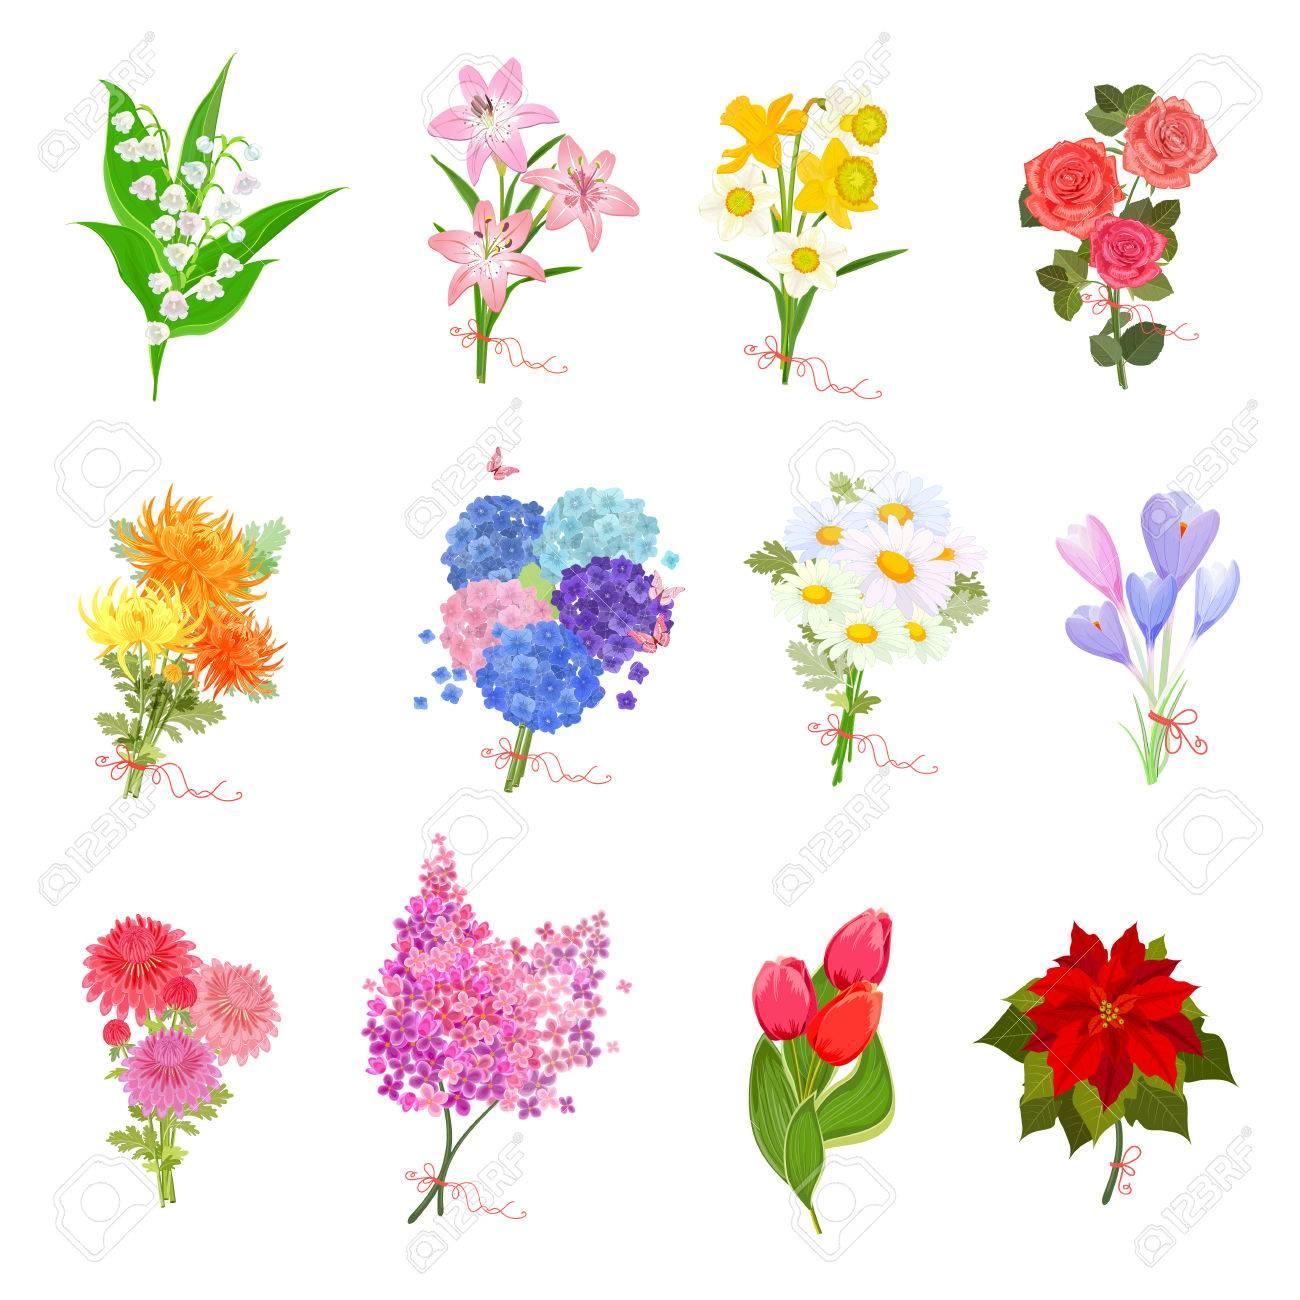 coleccin de moda elegantes con ramos de flores preciosas para su diseo foto de archivo